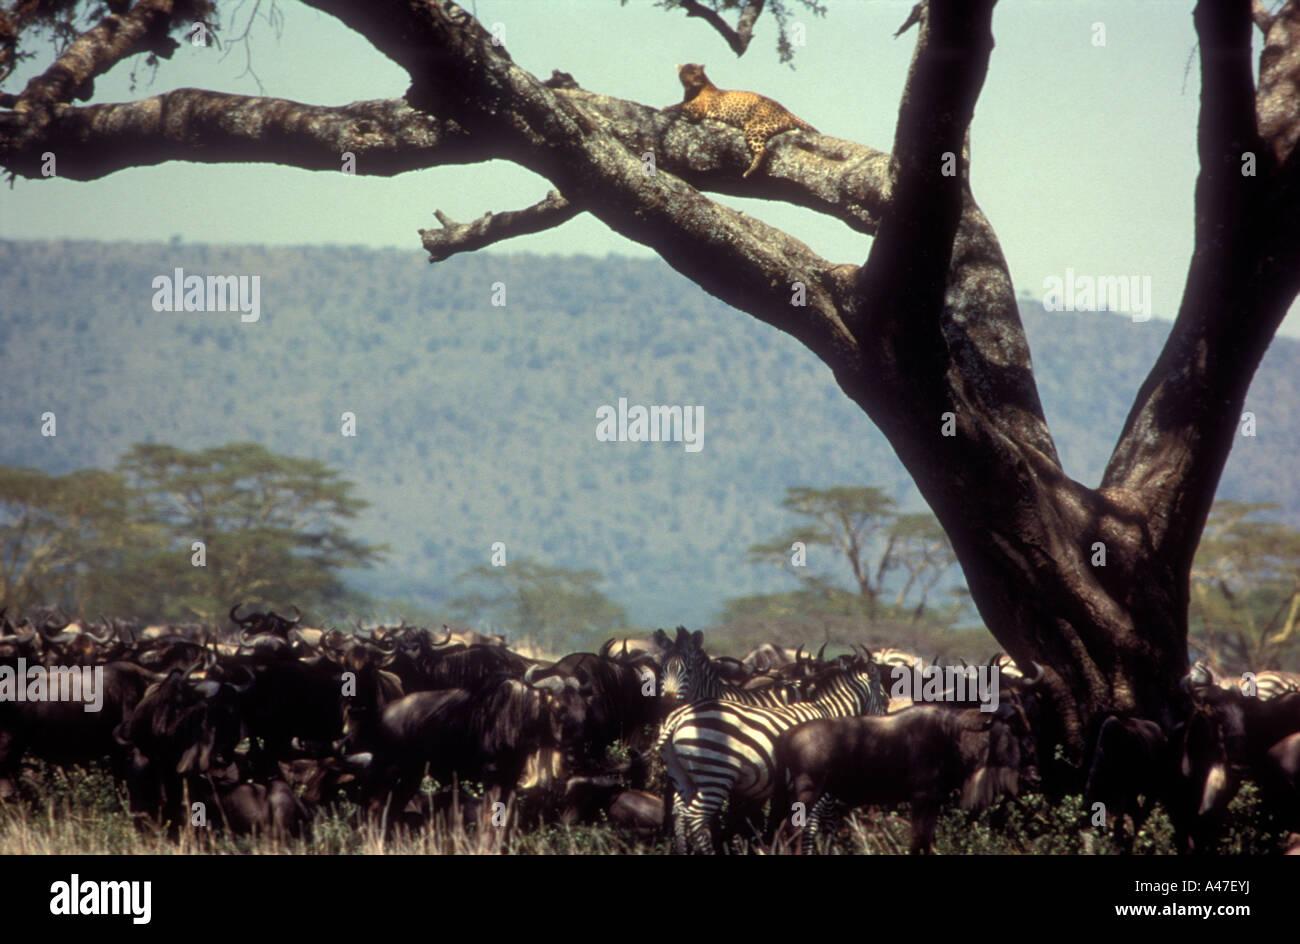 Gnu e Zebra comune sotto agli alberi con leopard sul ramo superiore Serengeti National Park in Tanzania Immagini Stock